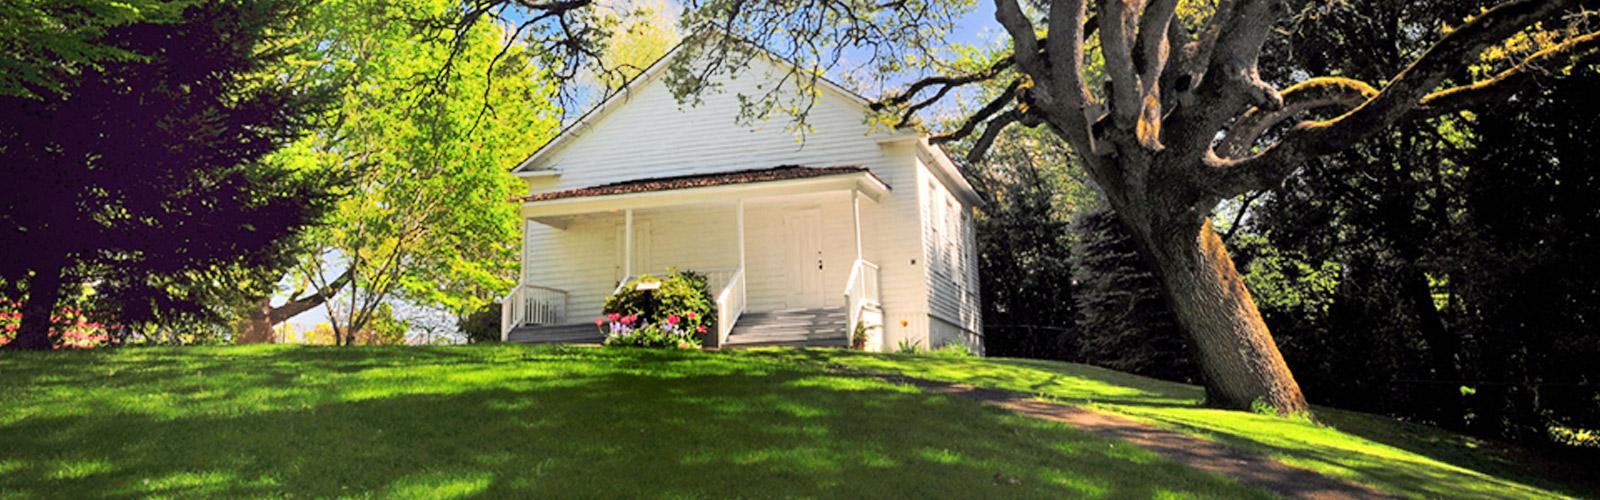 pleasant-grove-church-location-003